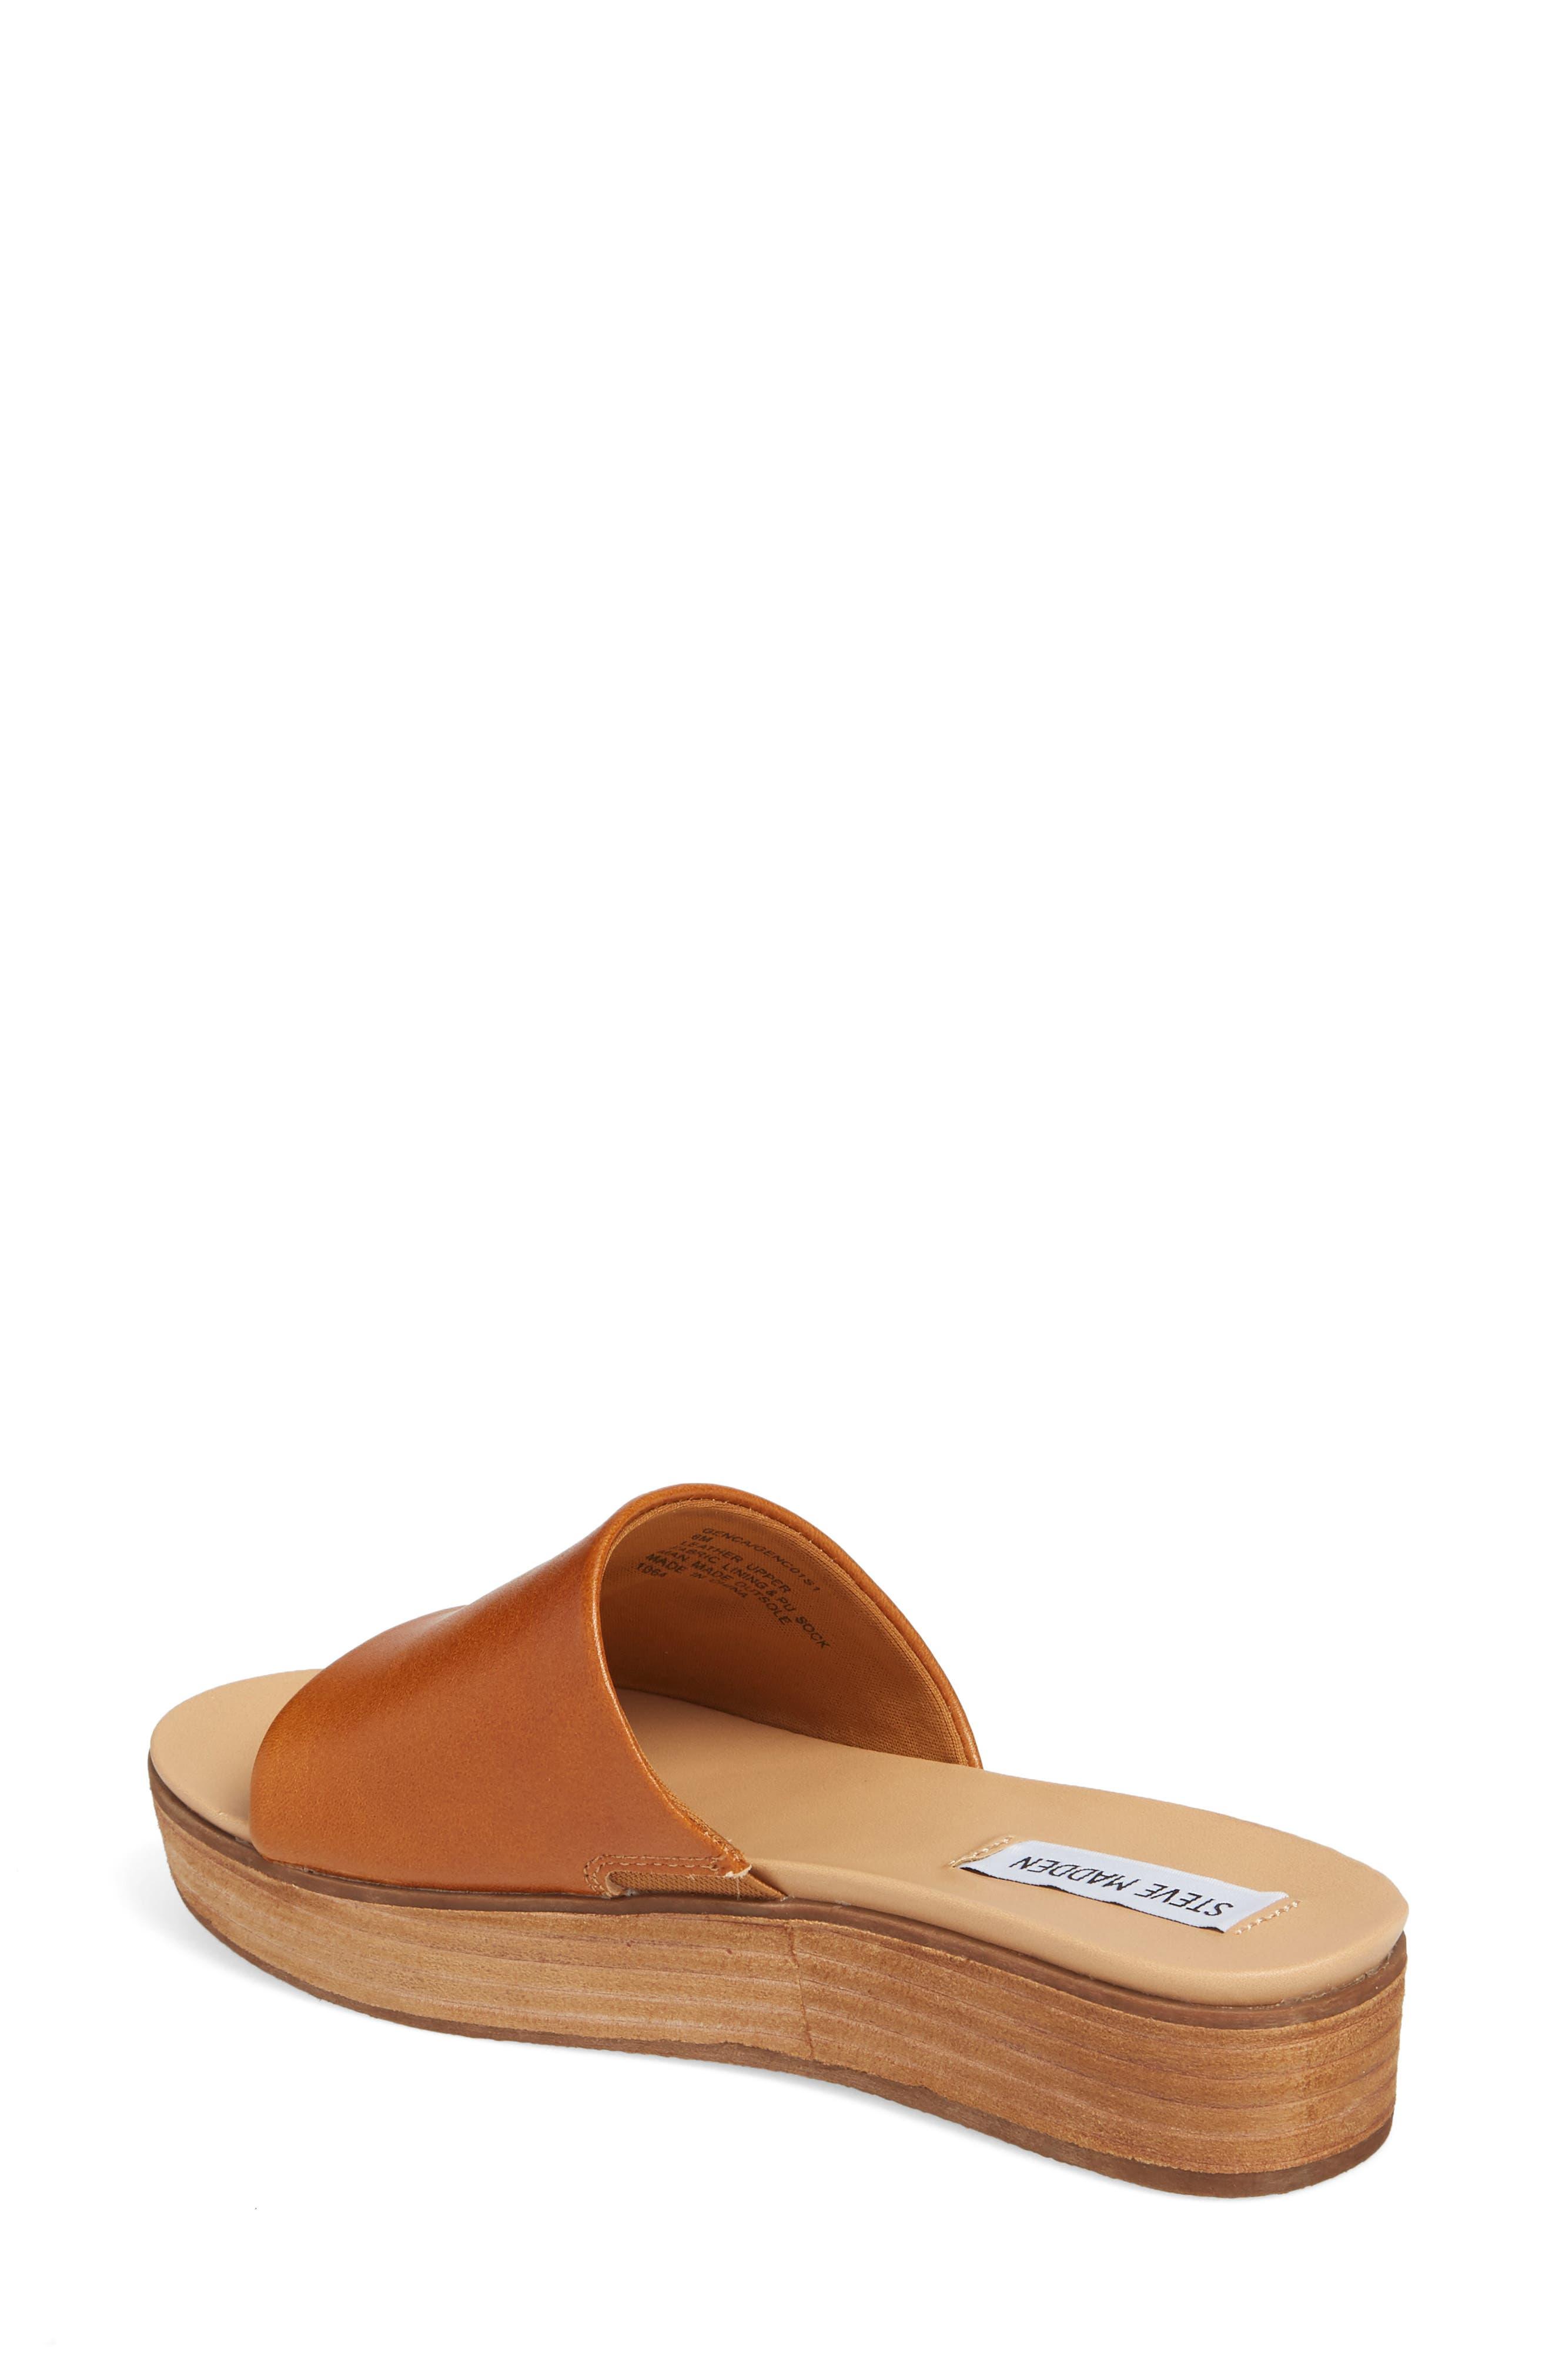 Genca Slide Sandal,                             Alternate thumbnail 5, color,